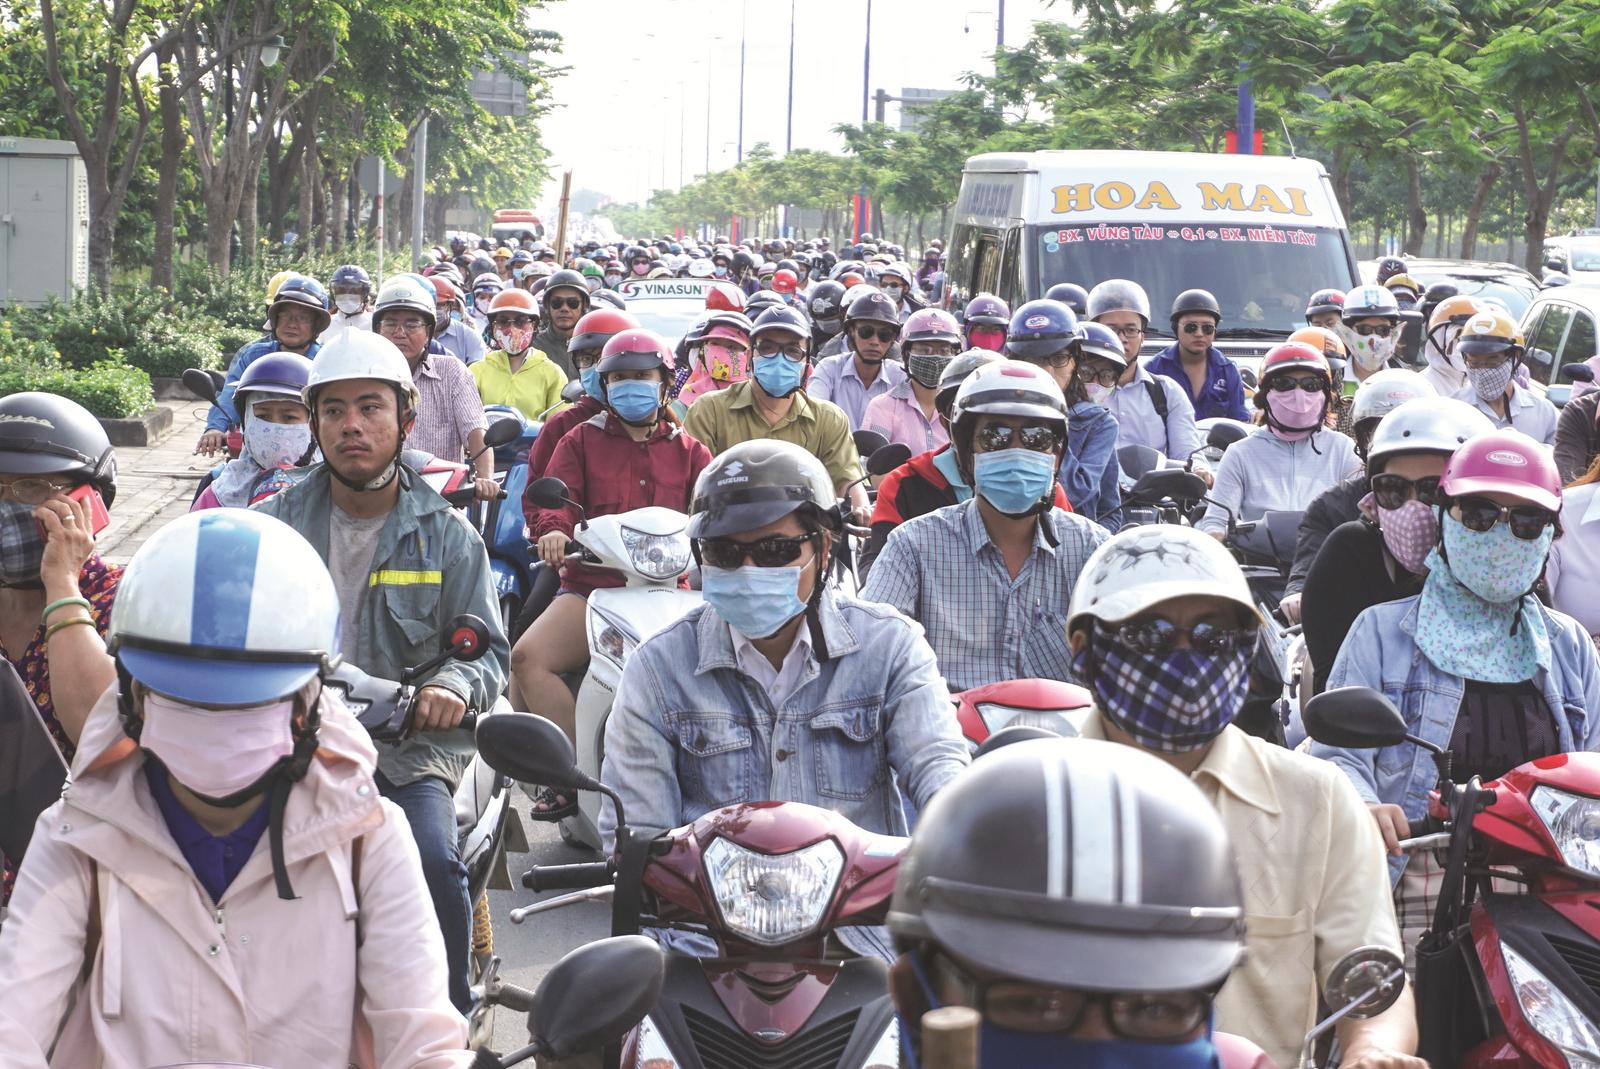 Tìm giải pháp giảm ô nhiễm cho TP.Hồ Chí Minh